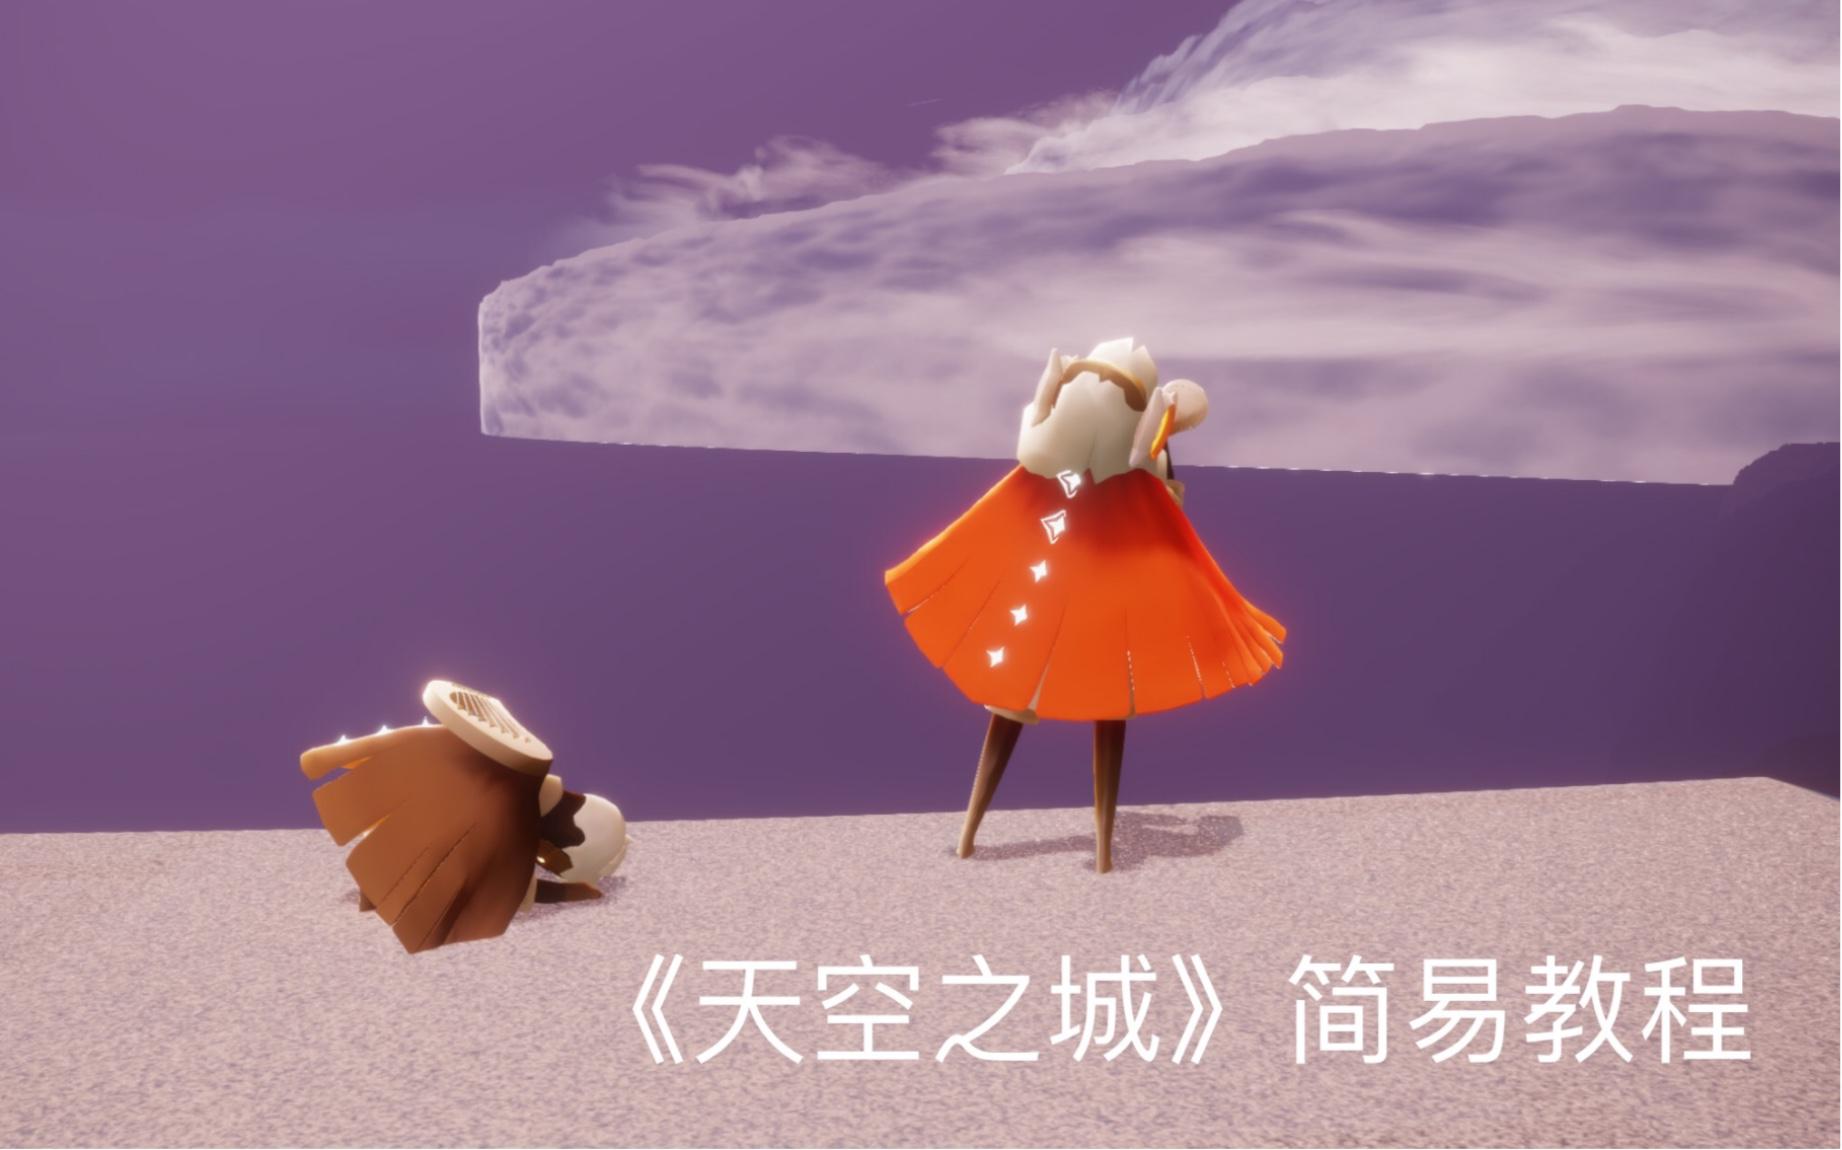 天空 之 城 简谱 版